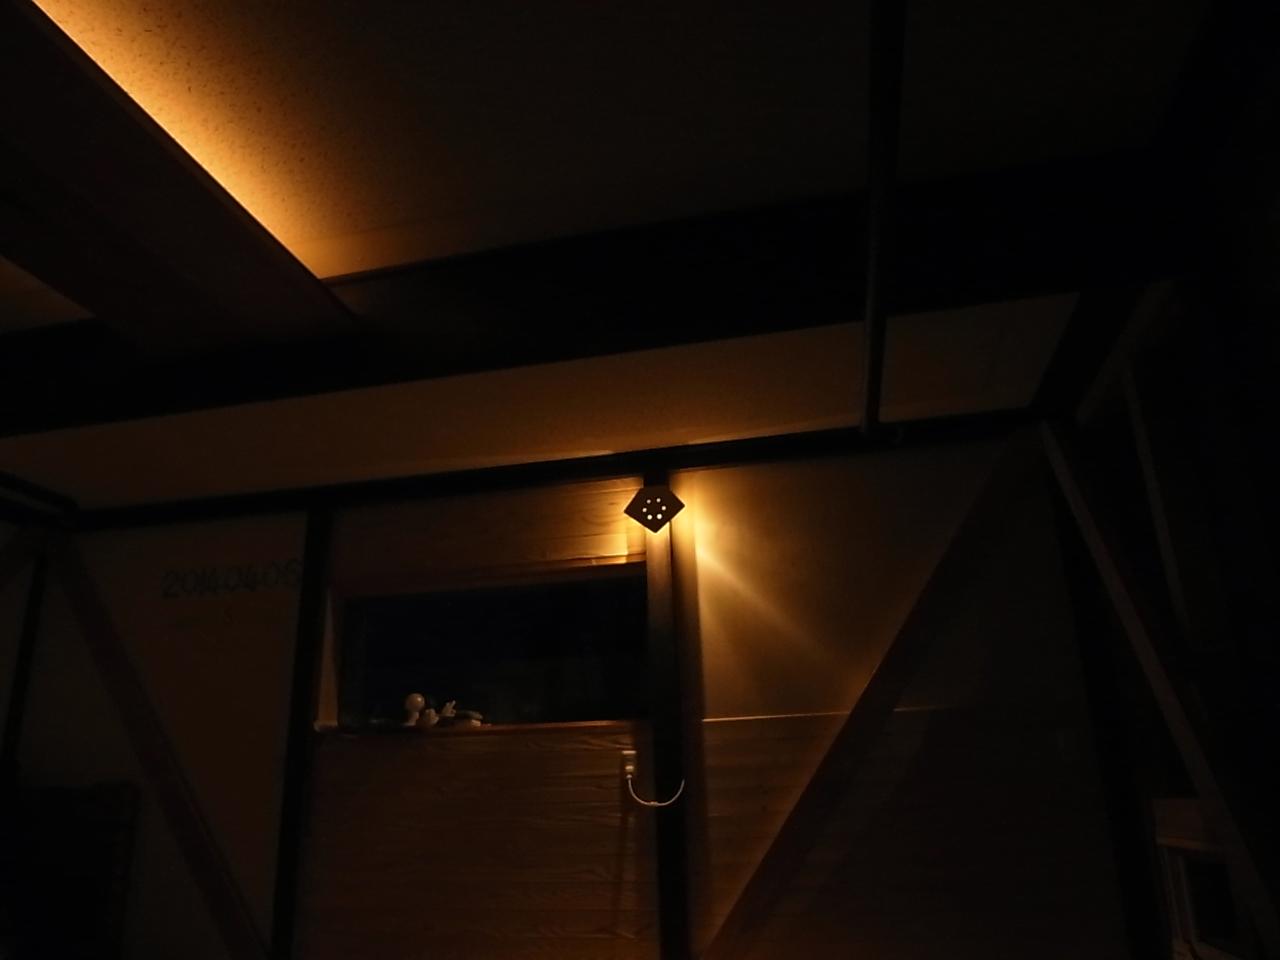 『ほぼむ』九間/ここのま・照明計画_c0189970_15152566.jpg